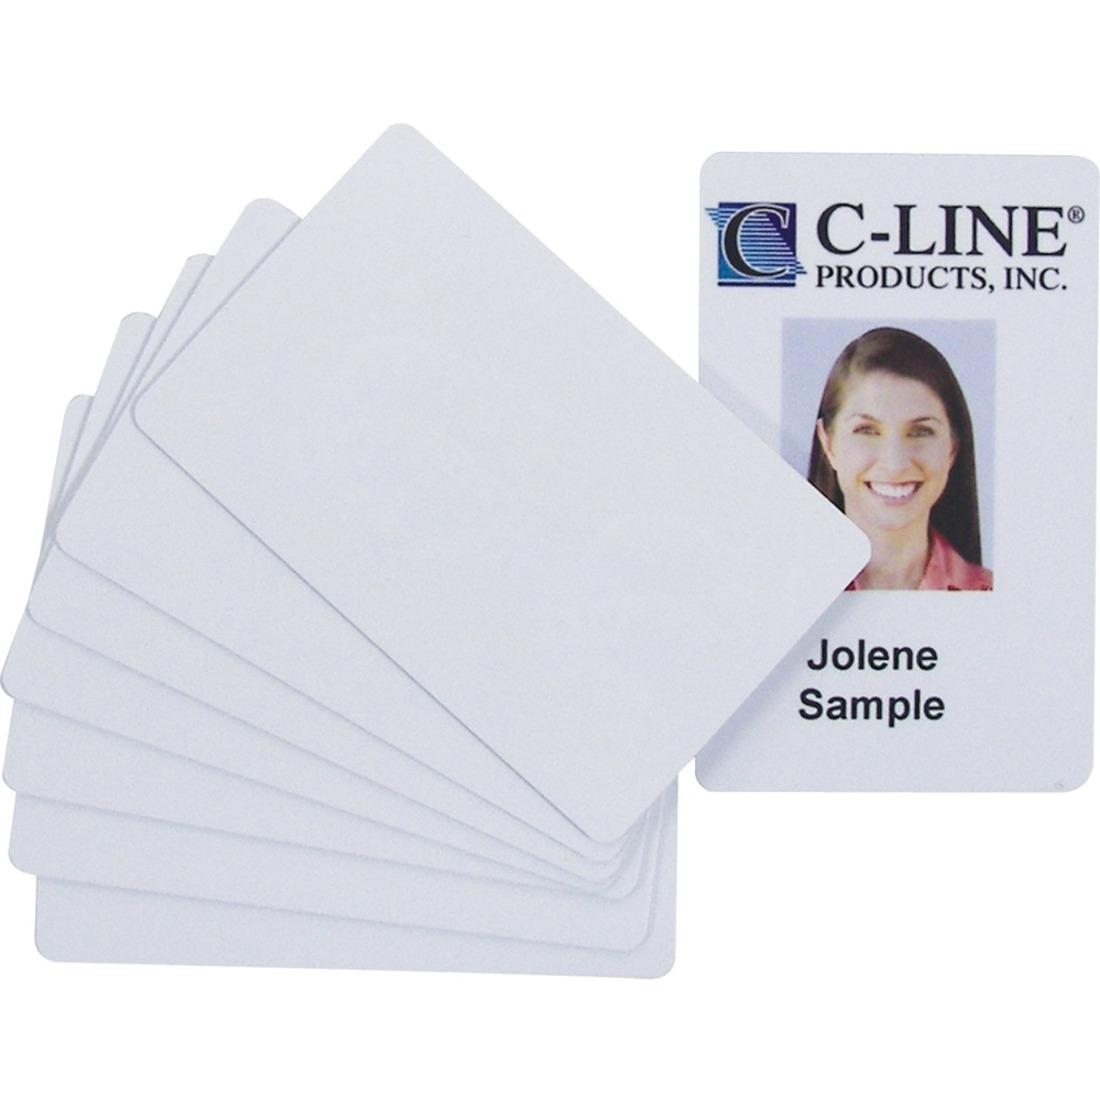 PVC ID Badge Card, 3 3/8 x 2 1/8, White, 100/Pack